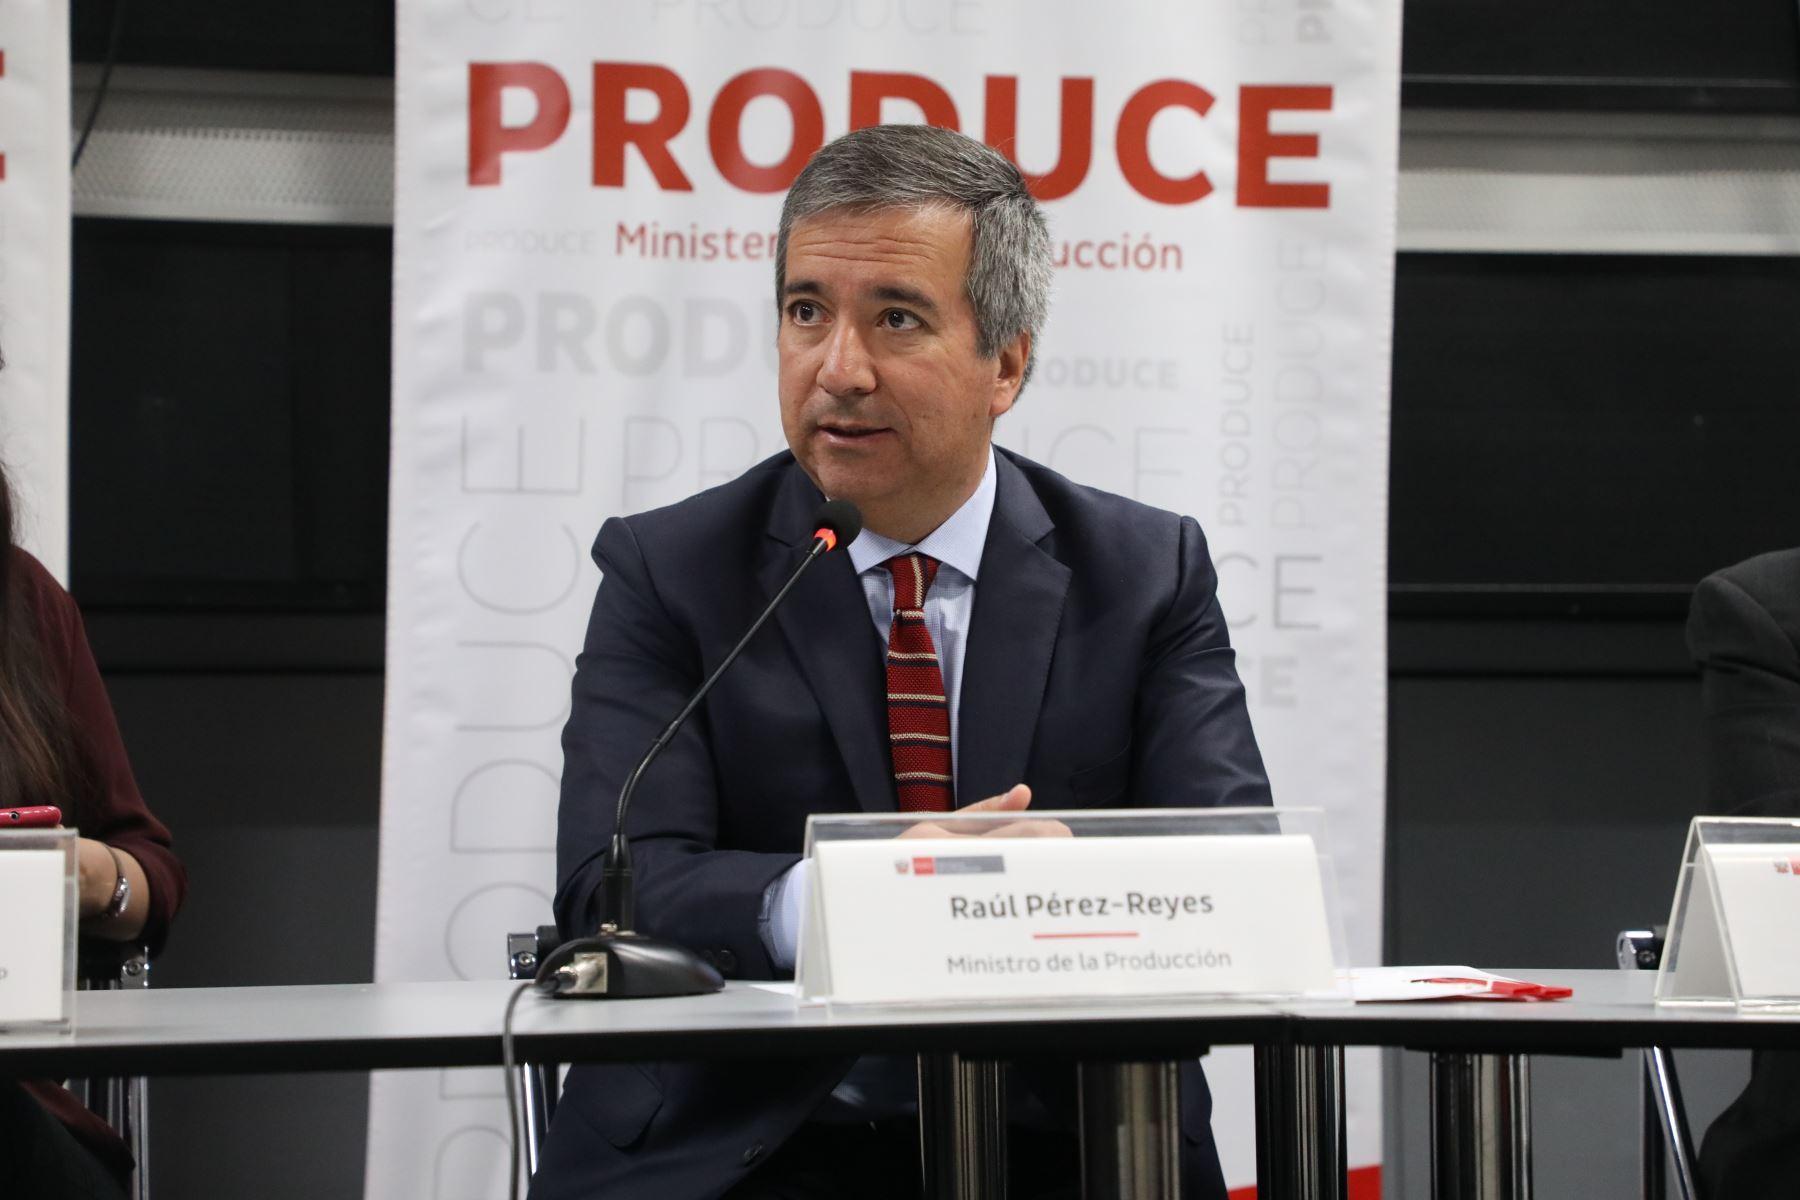 Ministro de la Producción, Raúl Pérez-Reyes. Foto: Cortesía.